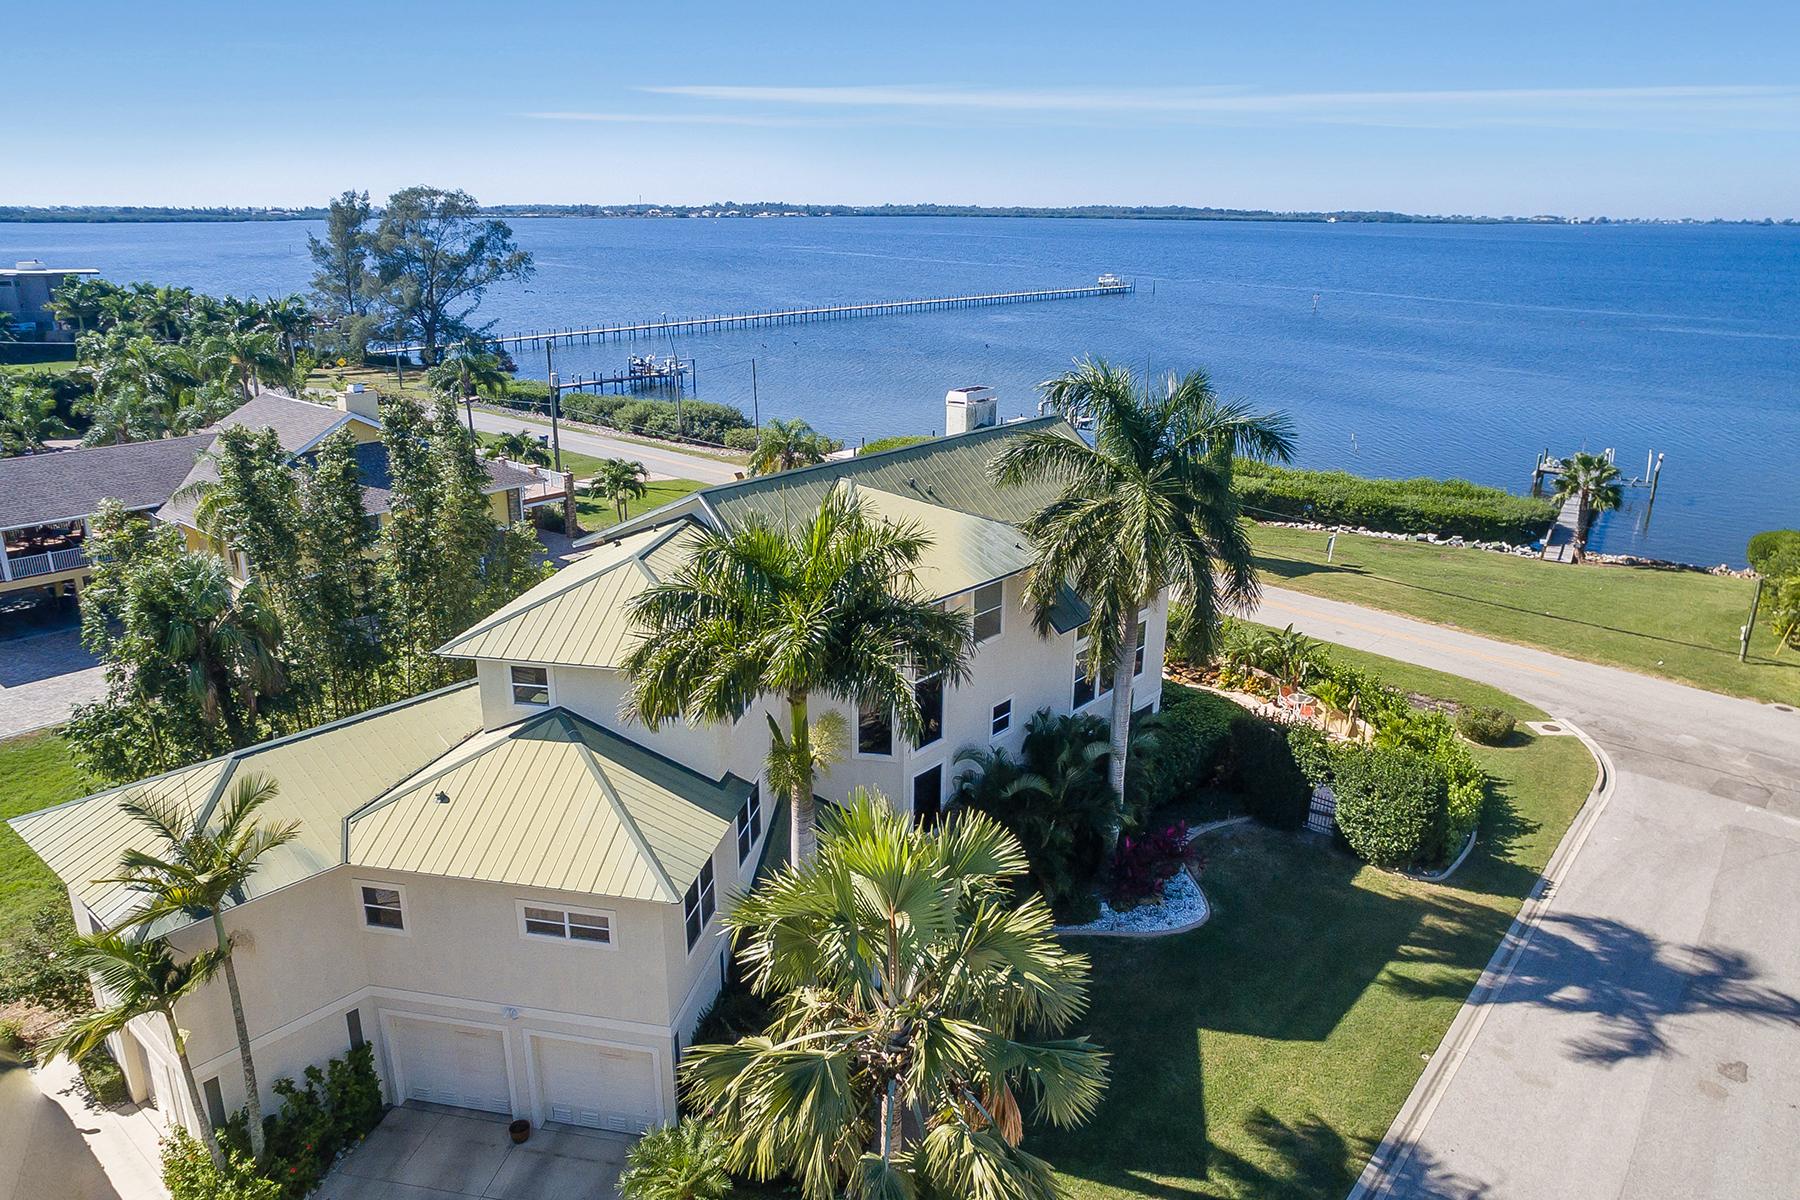 Einfamilienhaus für Verkauf beim BRADENTON 1703 Palma Sola Blvd Bradenton, Florida, 34209 Vereinigte Staaten